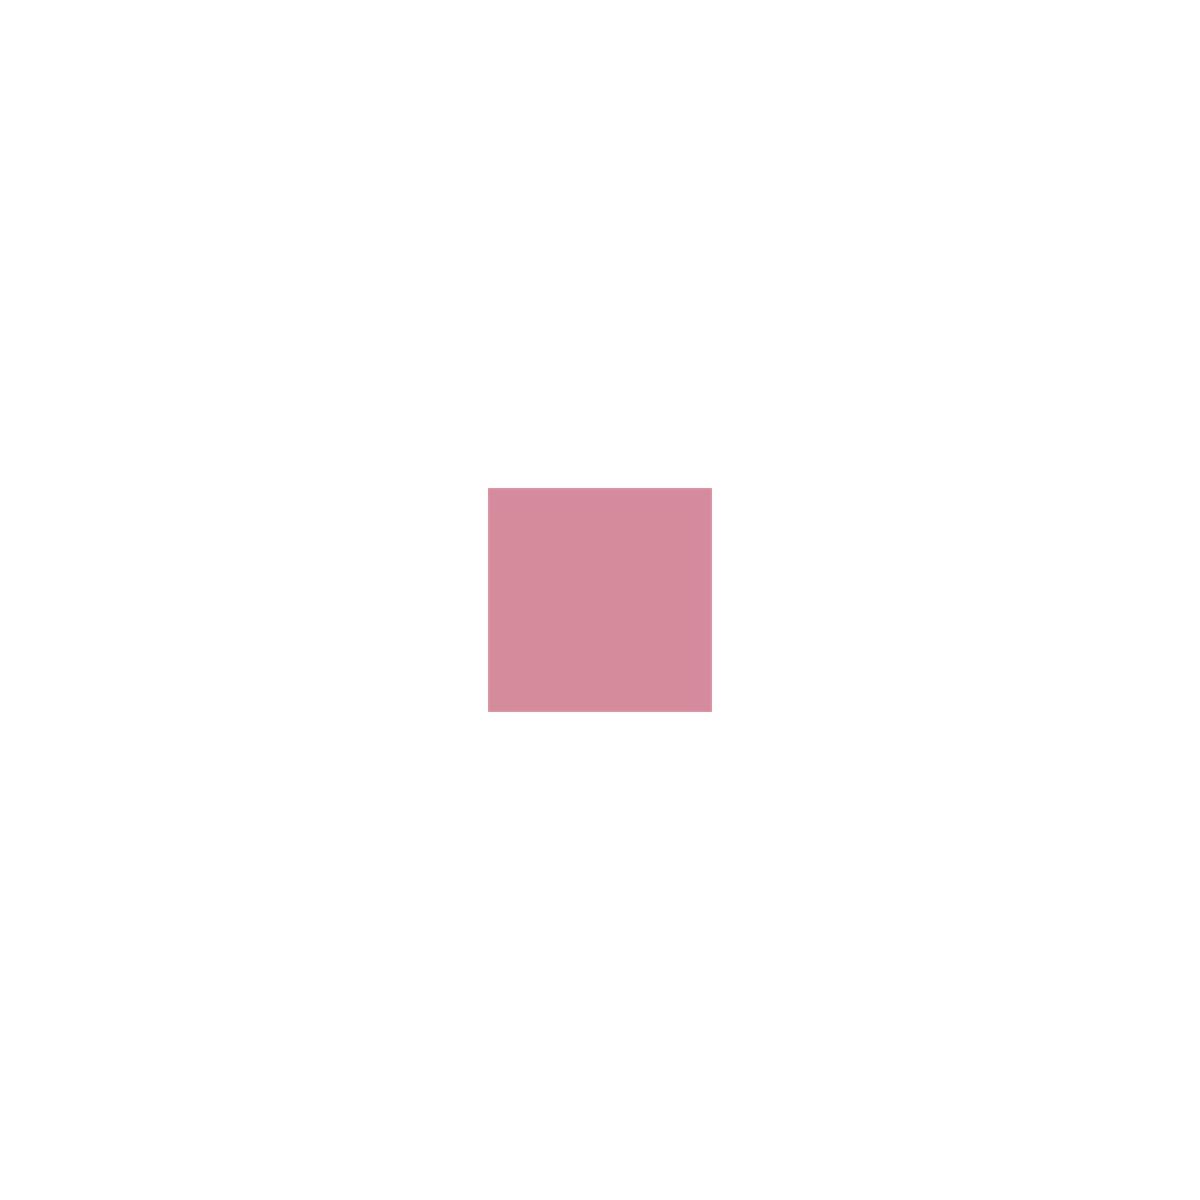 Taco Dome Pink (ud) 4x4 - Suelo hidráulico Porcelánico antideslizante